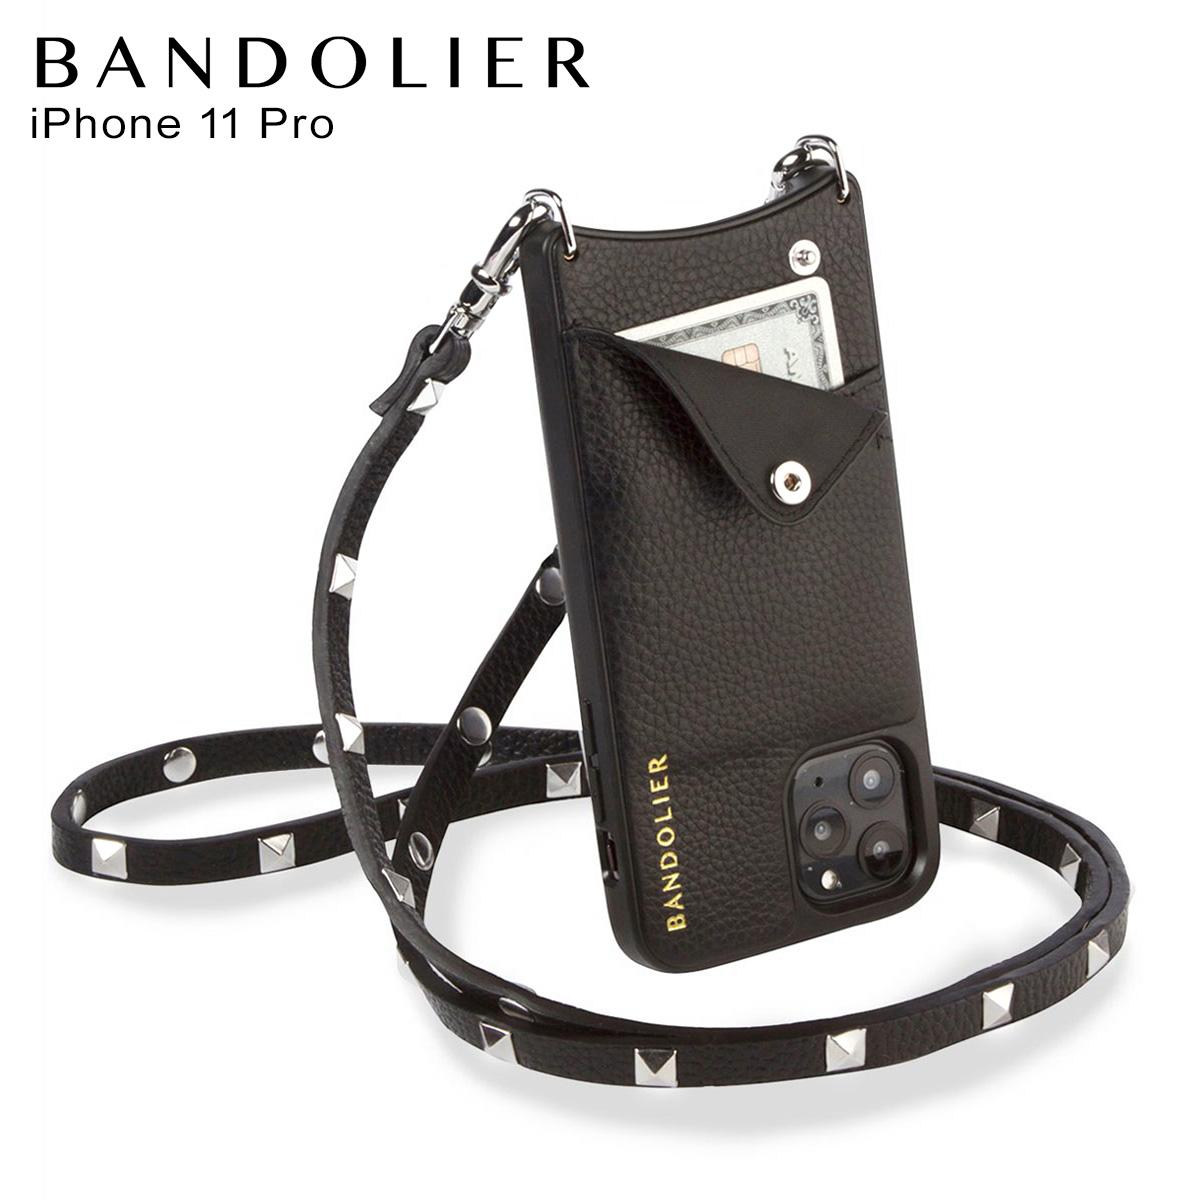 バンドリヤー BANDOLIER サラ シルバー iPhone11 Pro ケース スマホ 携帯 ショルダー アイフォン メンズ レディース SARAH SILVER ブラック 黒 2013